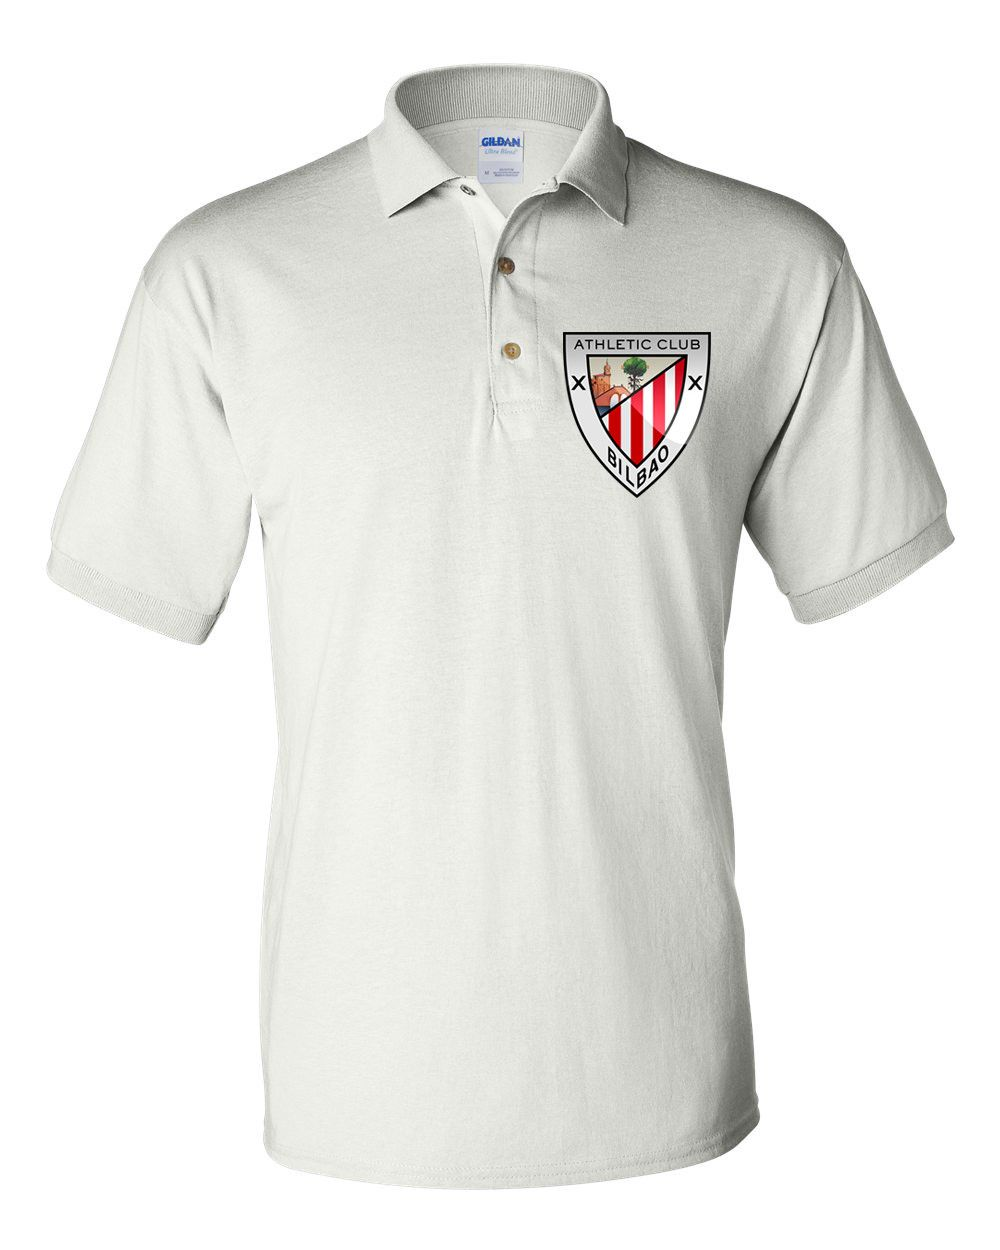 546c703af950f Polo Soccer T-shirt Athletic Club Bilbao